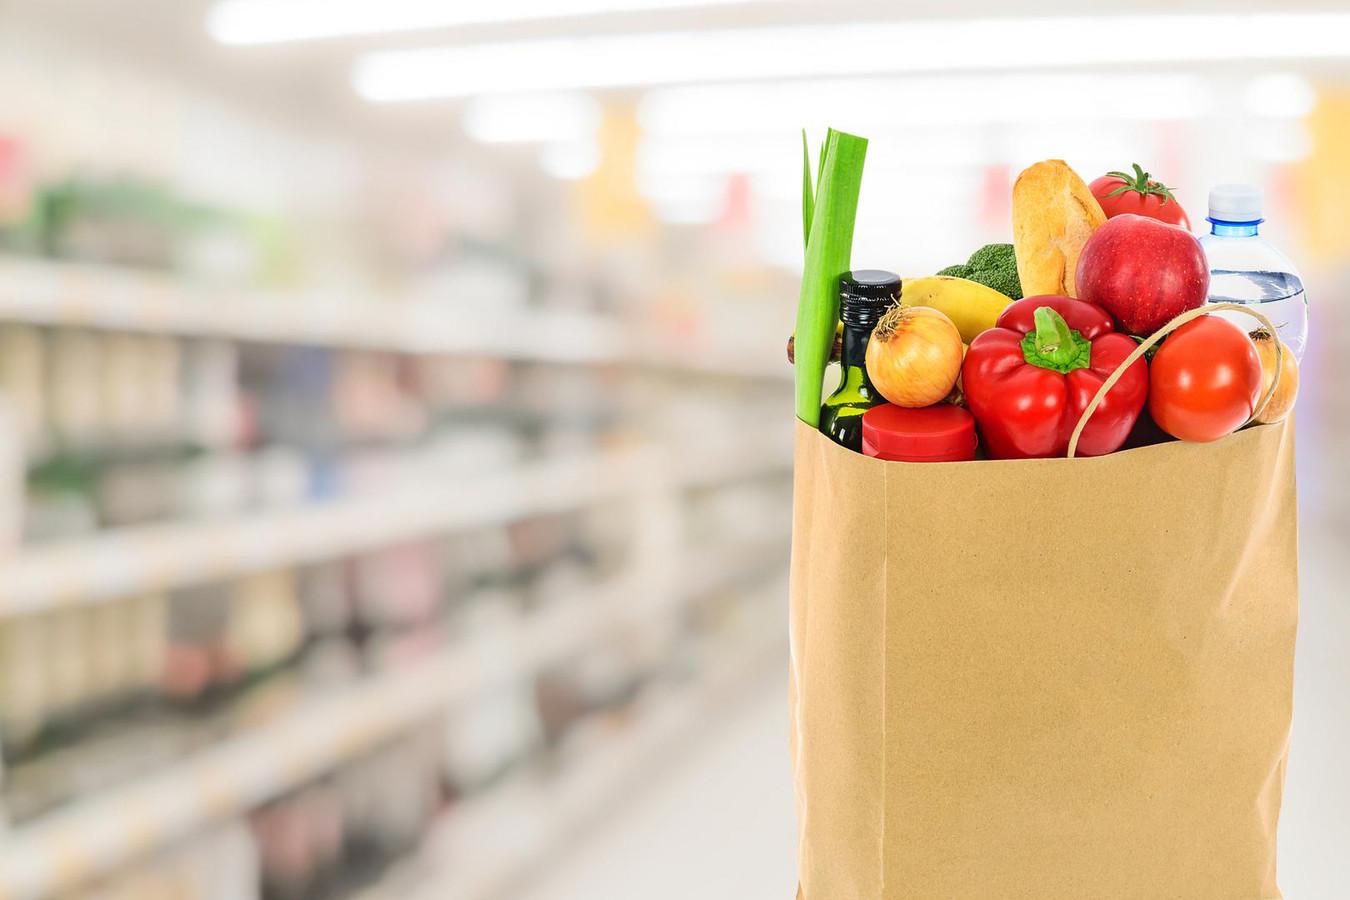 Lancée par les magasins et épiceries bio, la vente en vrac investit désormais la grande distribution non bio.